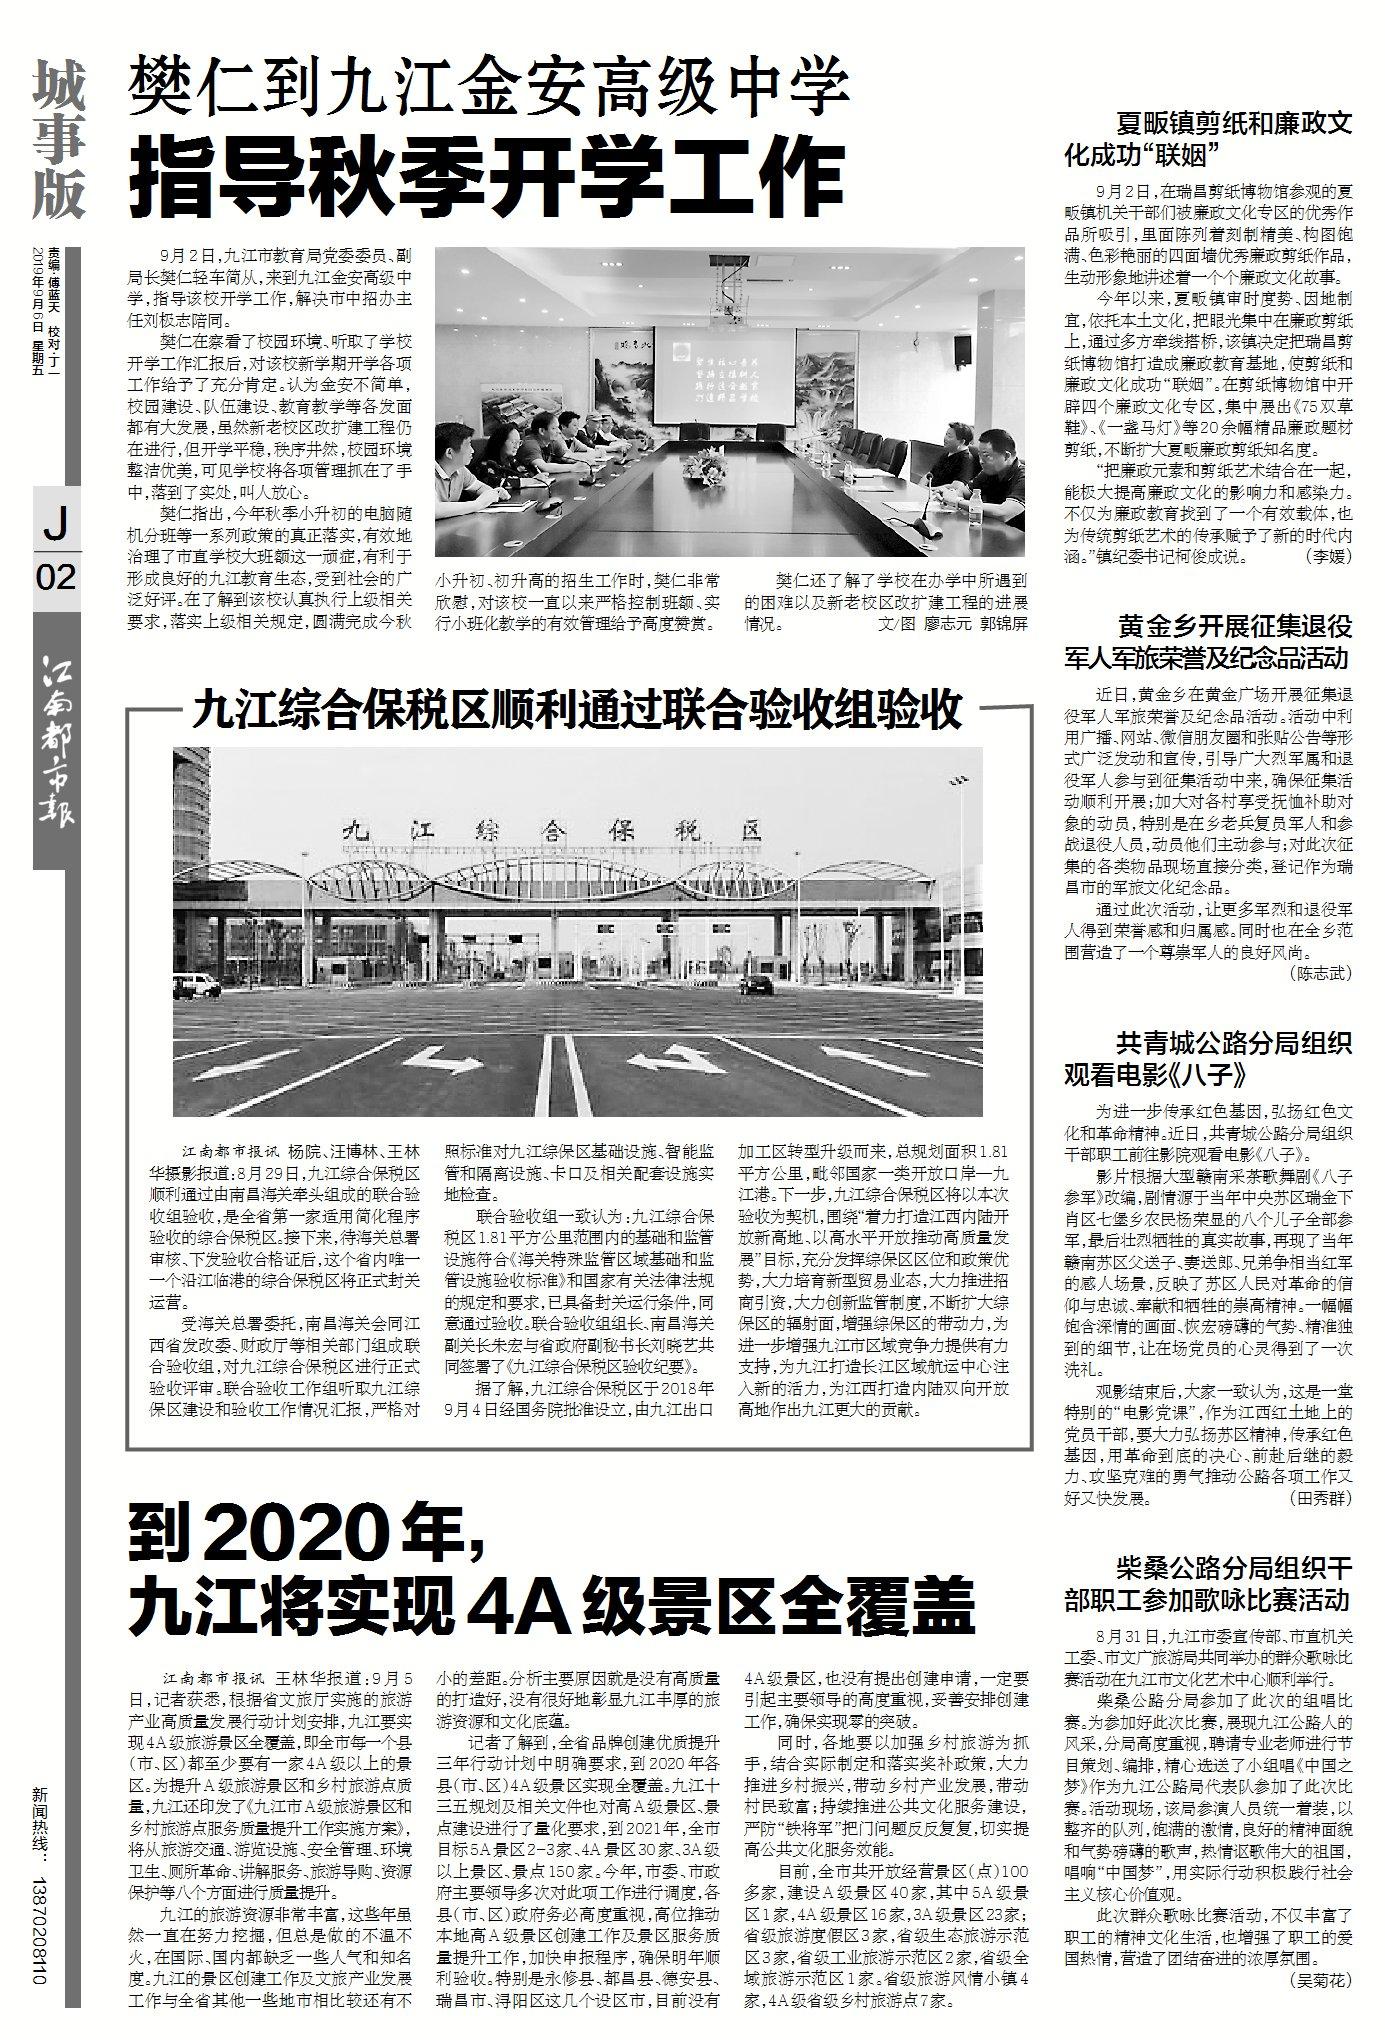 2019年9月6日江南都市报《亚博体育app苹果新闻》2版